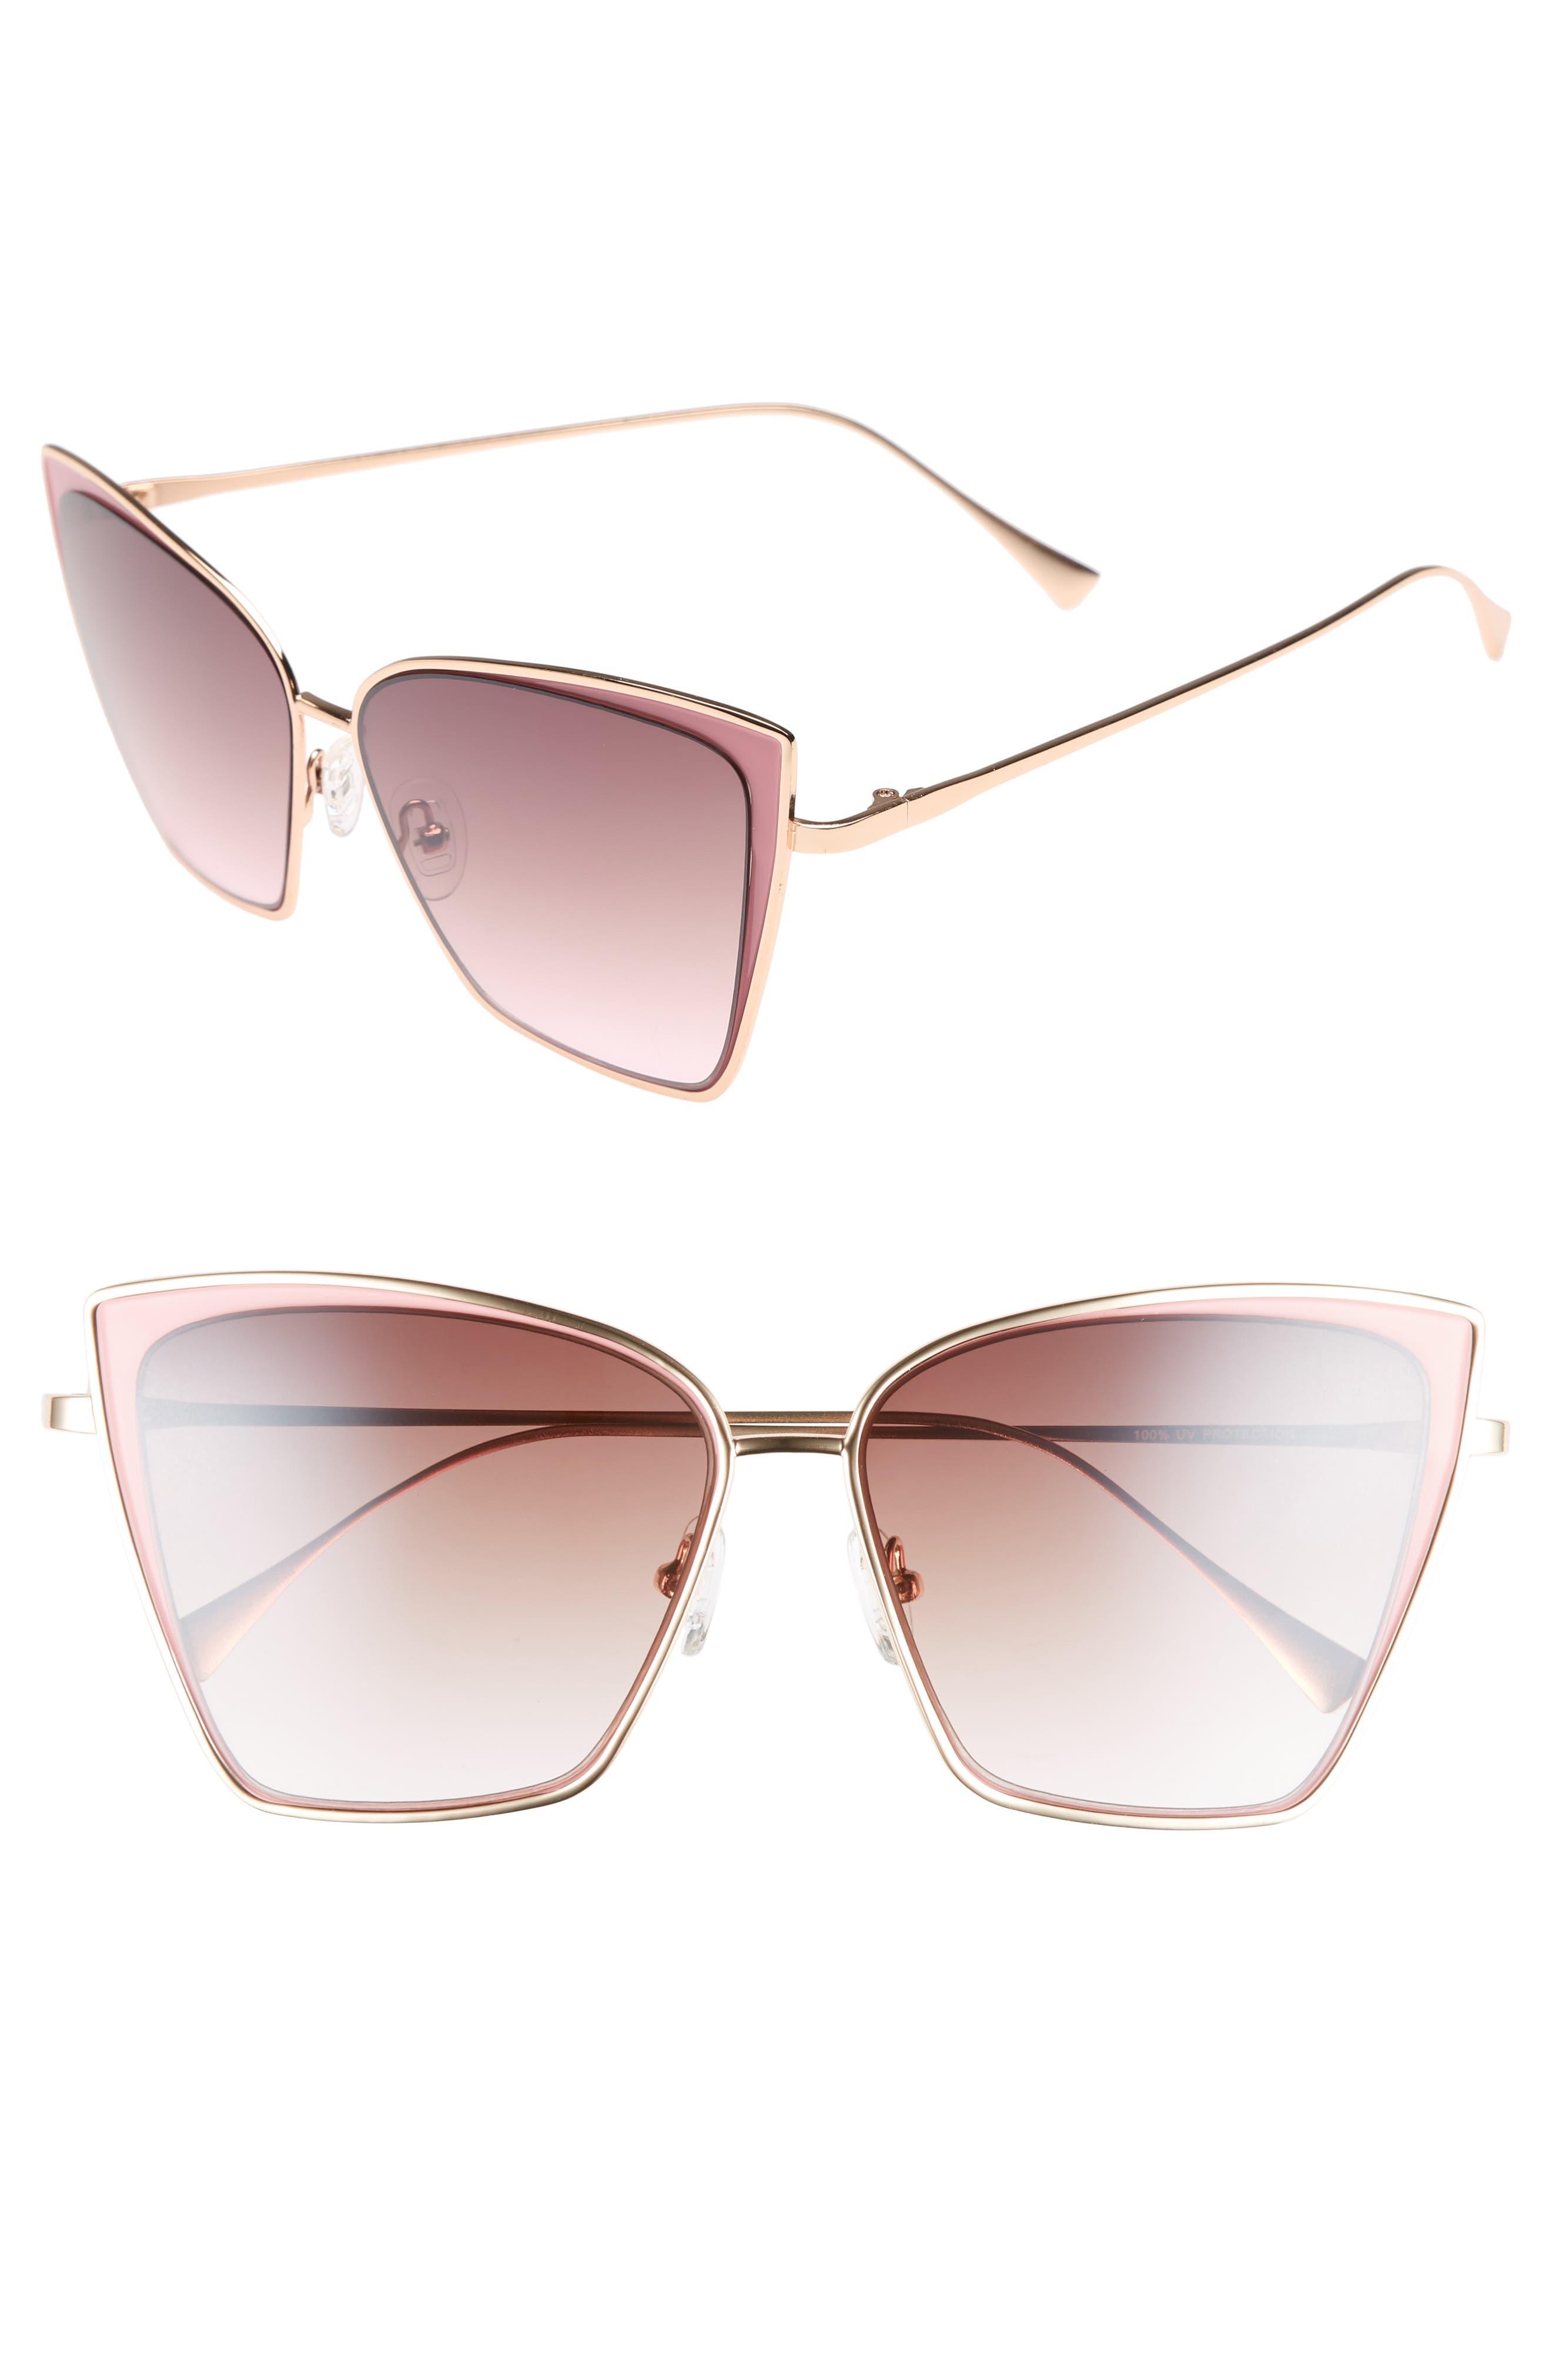 Pinkaboo 58mm Sunglasses,                             Main thumbnail 1, color,                             650